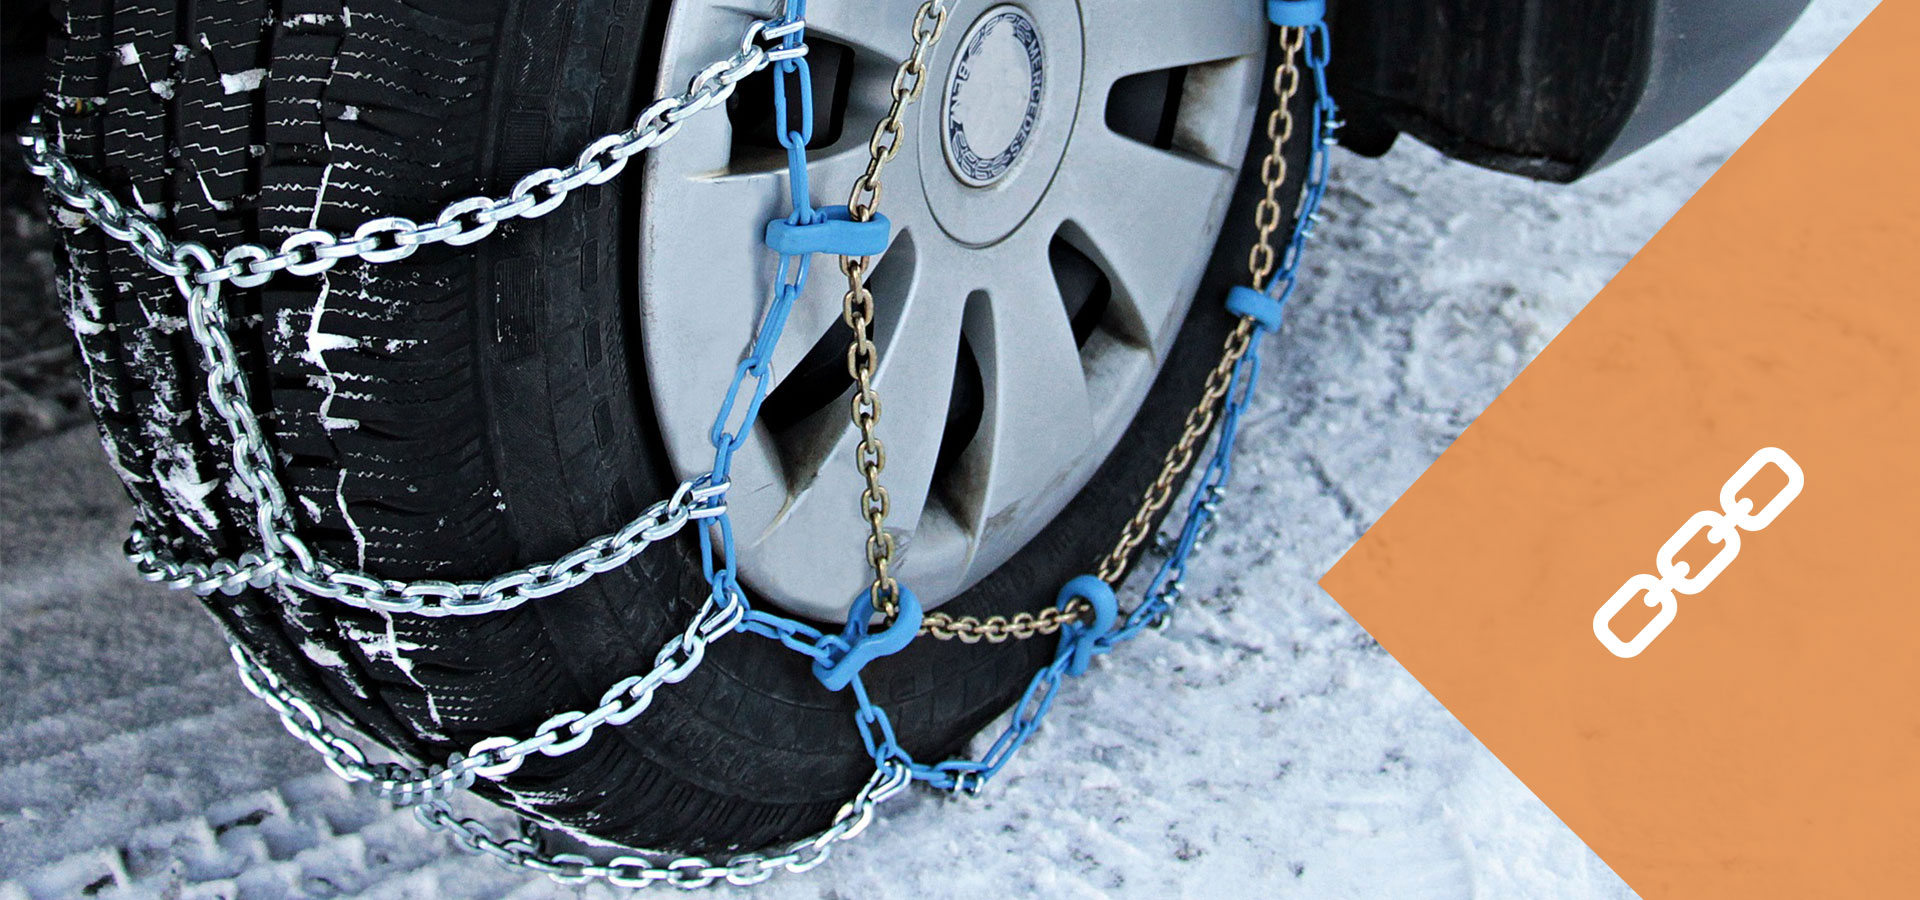 alquiler-de-coche-en-madrid-con-cadenas-para-nieve